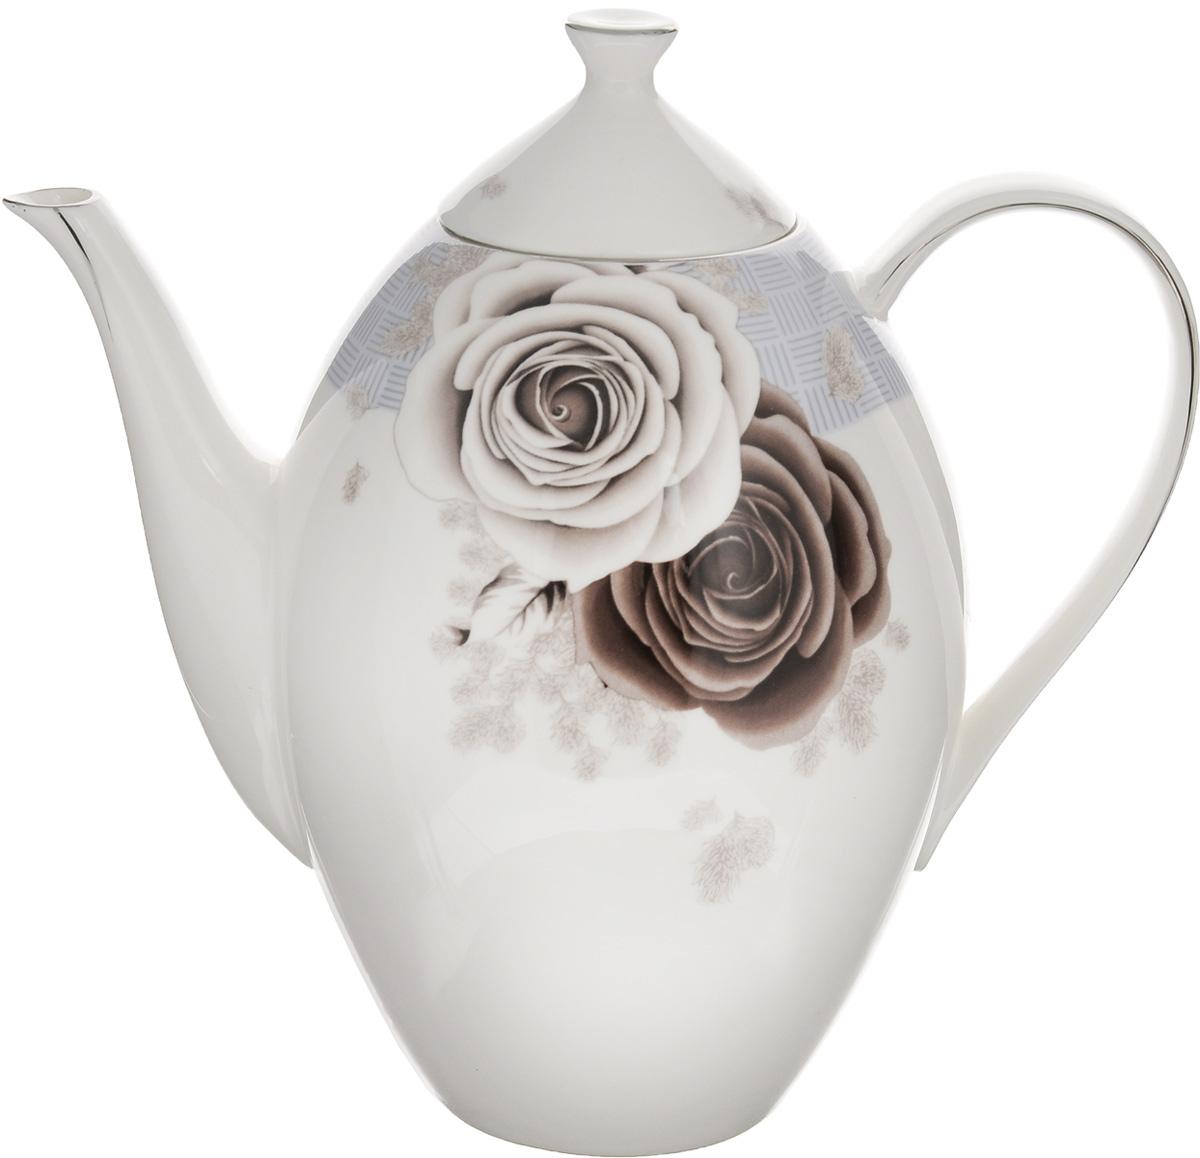 Чайник заварочный Family & Friends Дэниш, 1,3 лVT-1520(SR)Заварочный чайник Family & Friends Дэниш изготовлен из фарфора, покрытого блестящей глазурью. Изделие декорировано серебристой эмалью и красивым изображением цветов. Такой заварочный чайник станет изысканным украшением стола к чаепитию и порадует вас и ваших гостей оригинальным дизайном и качеством исполнения. Чайник прекрасно подойдет в качестве подарка к любому случаю. Диаметр (по верхнему краю): 6,5 см. Высота (с крышкой): 21 см.